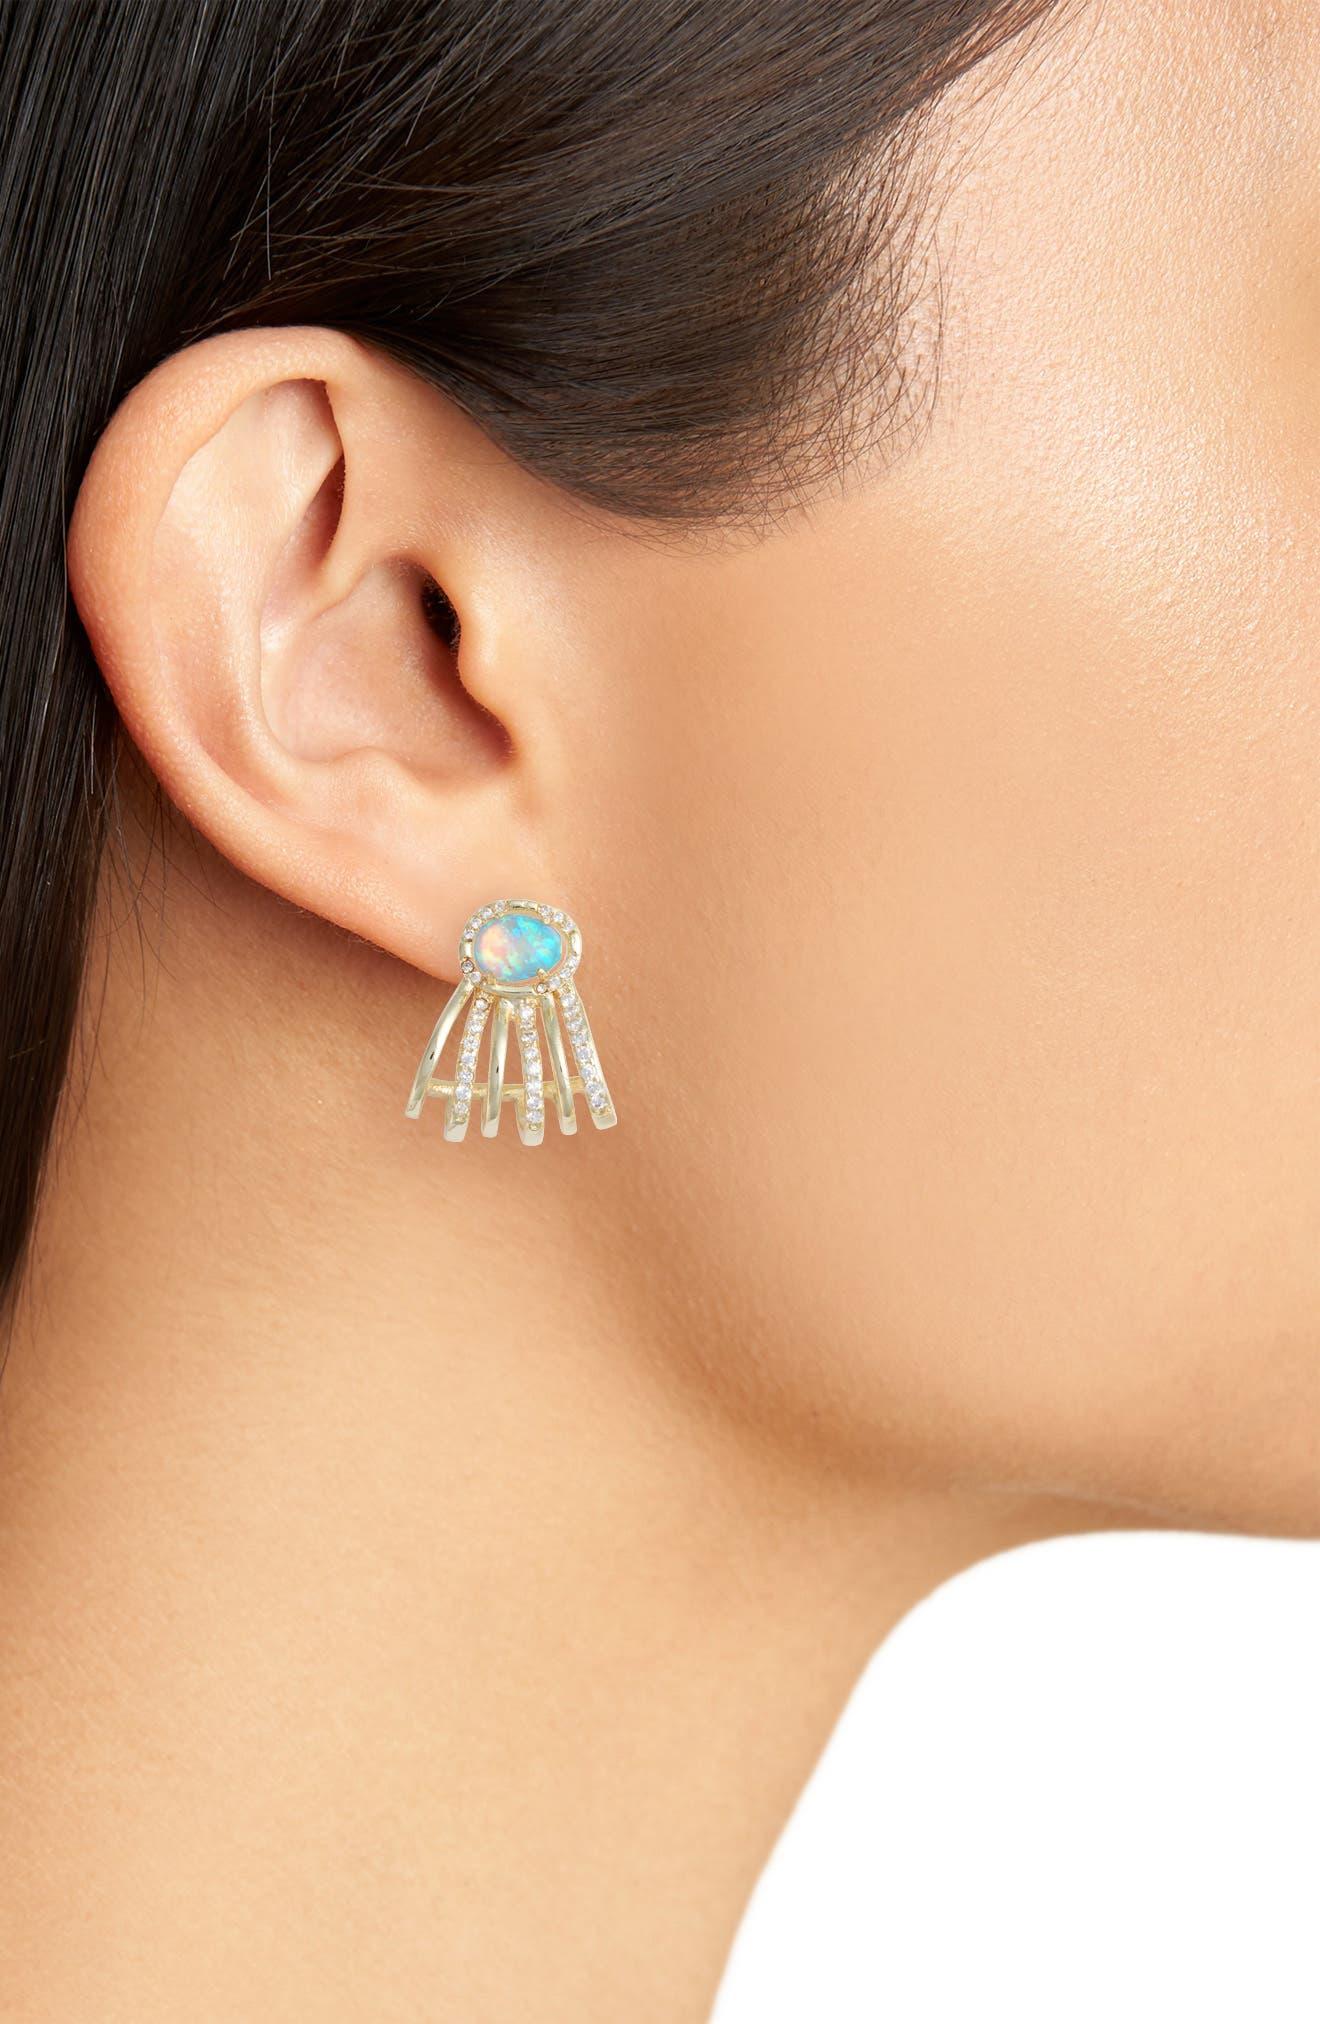 James Opal Earrings,                             Alternate thumbnail 2, color,                             400